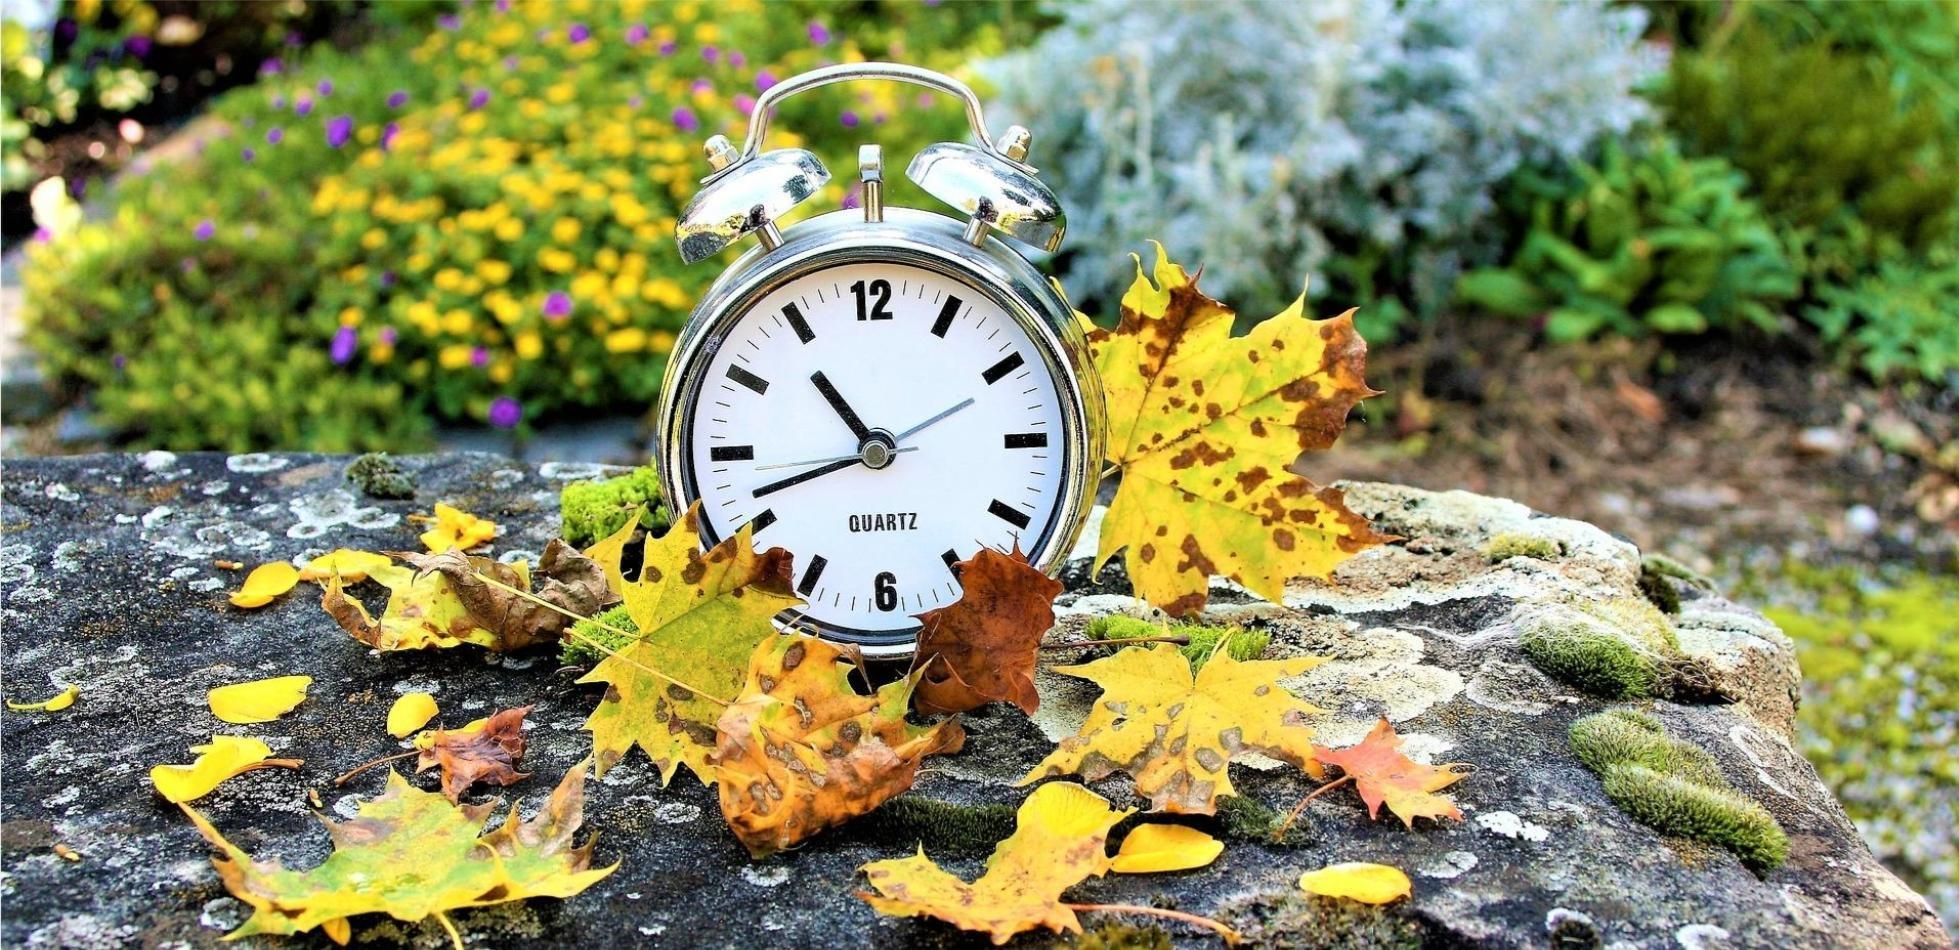 Zmiana czasu. Kiedy przestawiamy zegarki ?